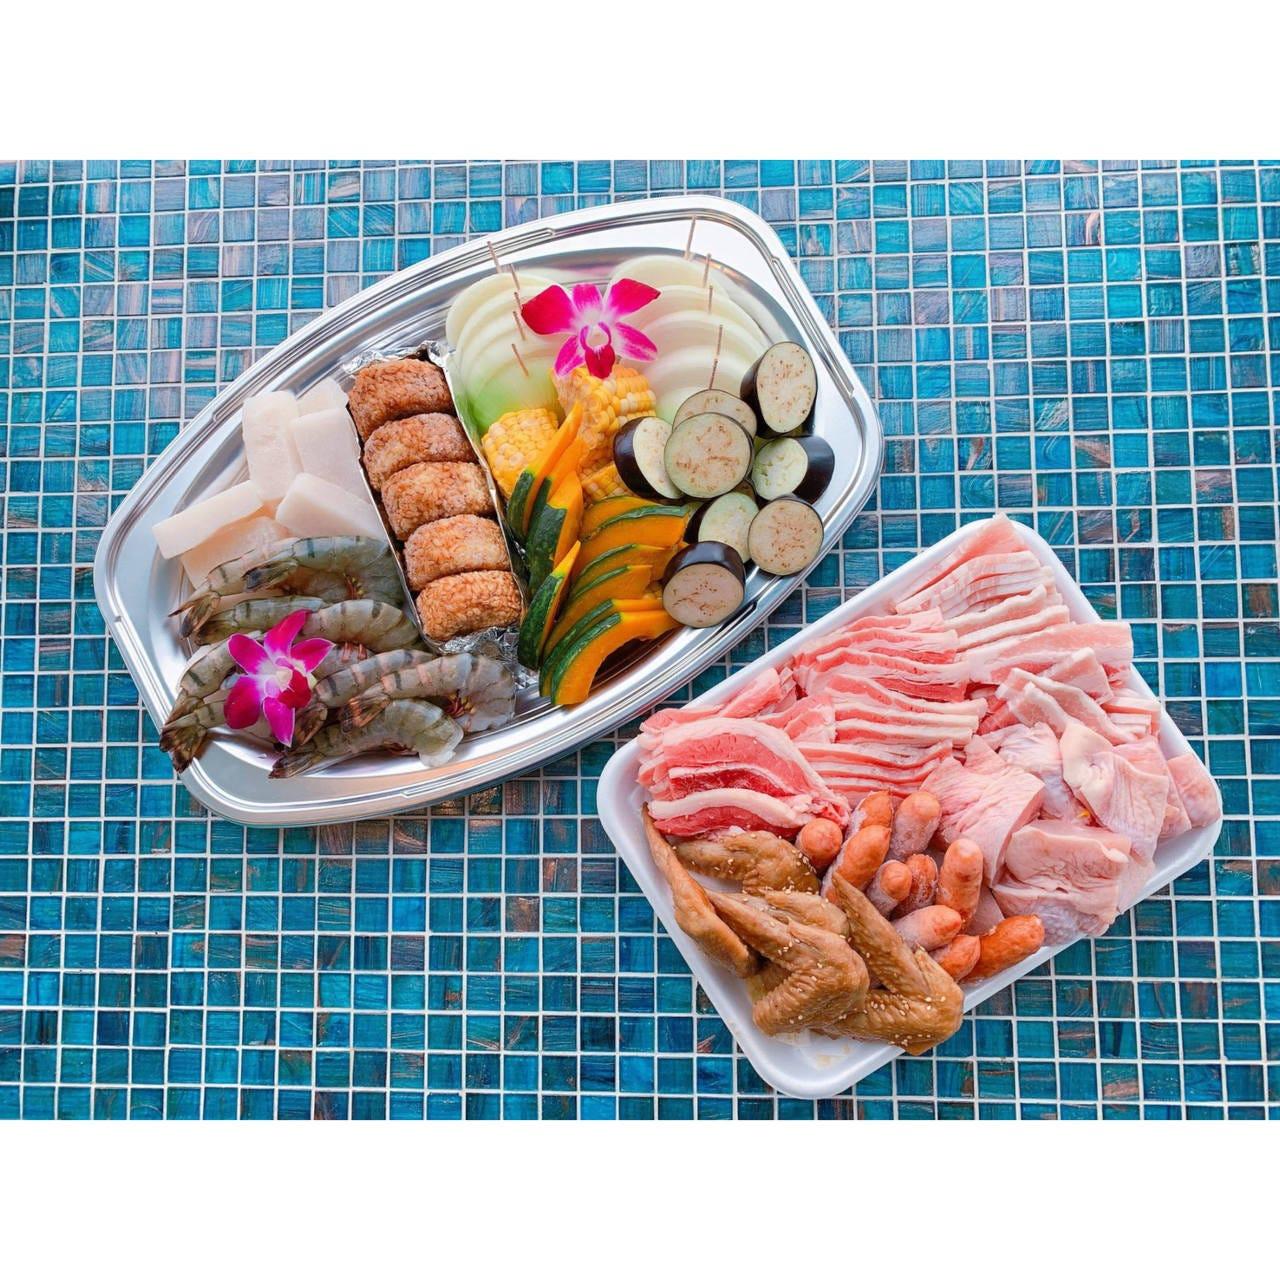 【食材付きBBQ】スタンダードプラン(施設利用料、テーブル利用料込み)ハイシーズン(7/1〜9/30)